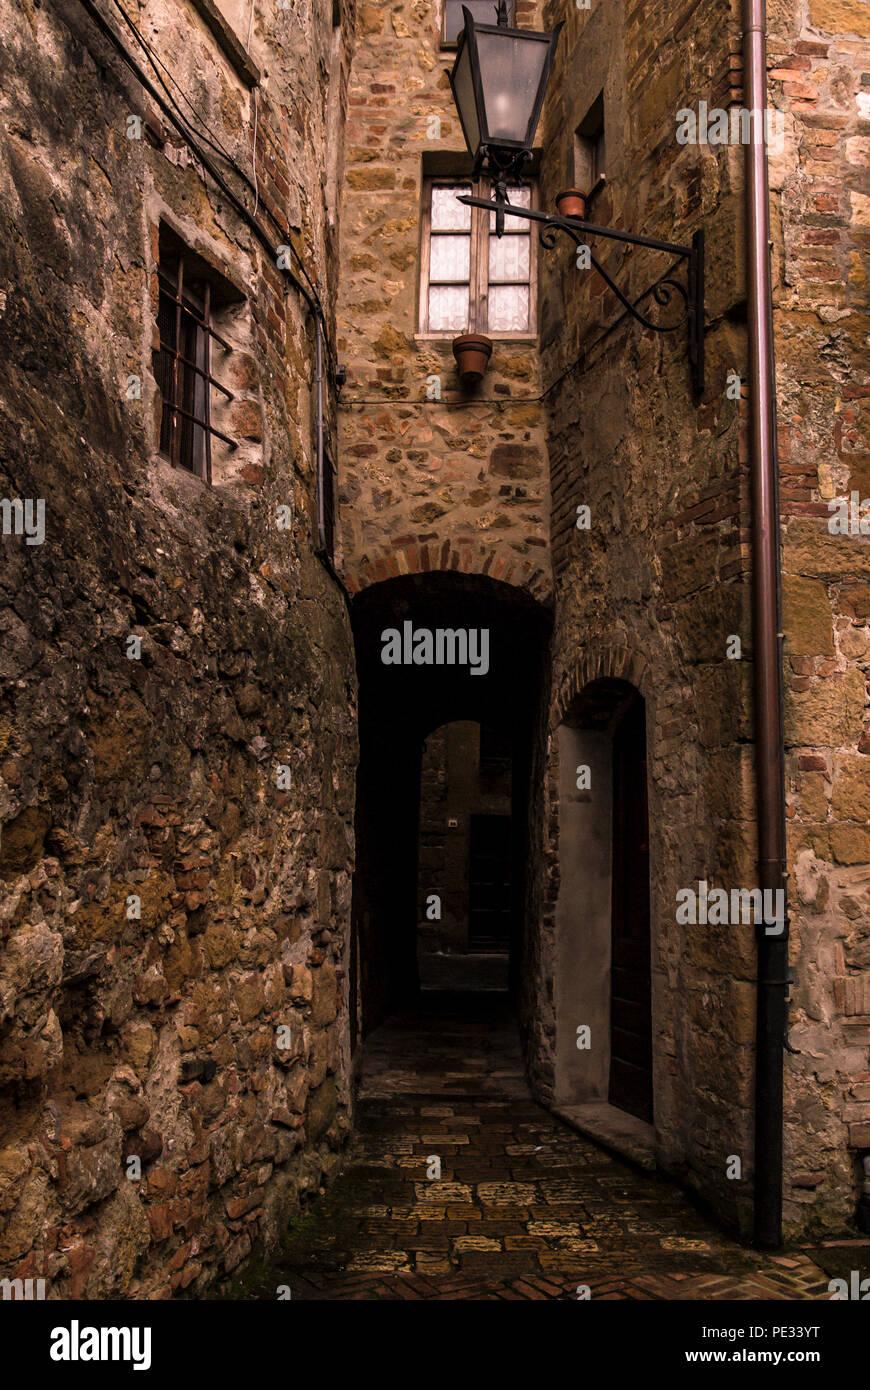 Edificio classico a Pienza, Toscana, Italia. Immagini Stock